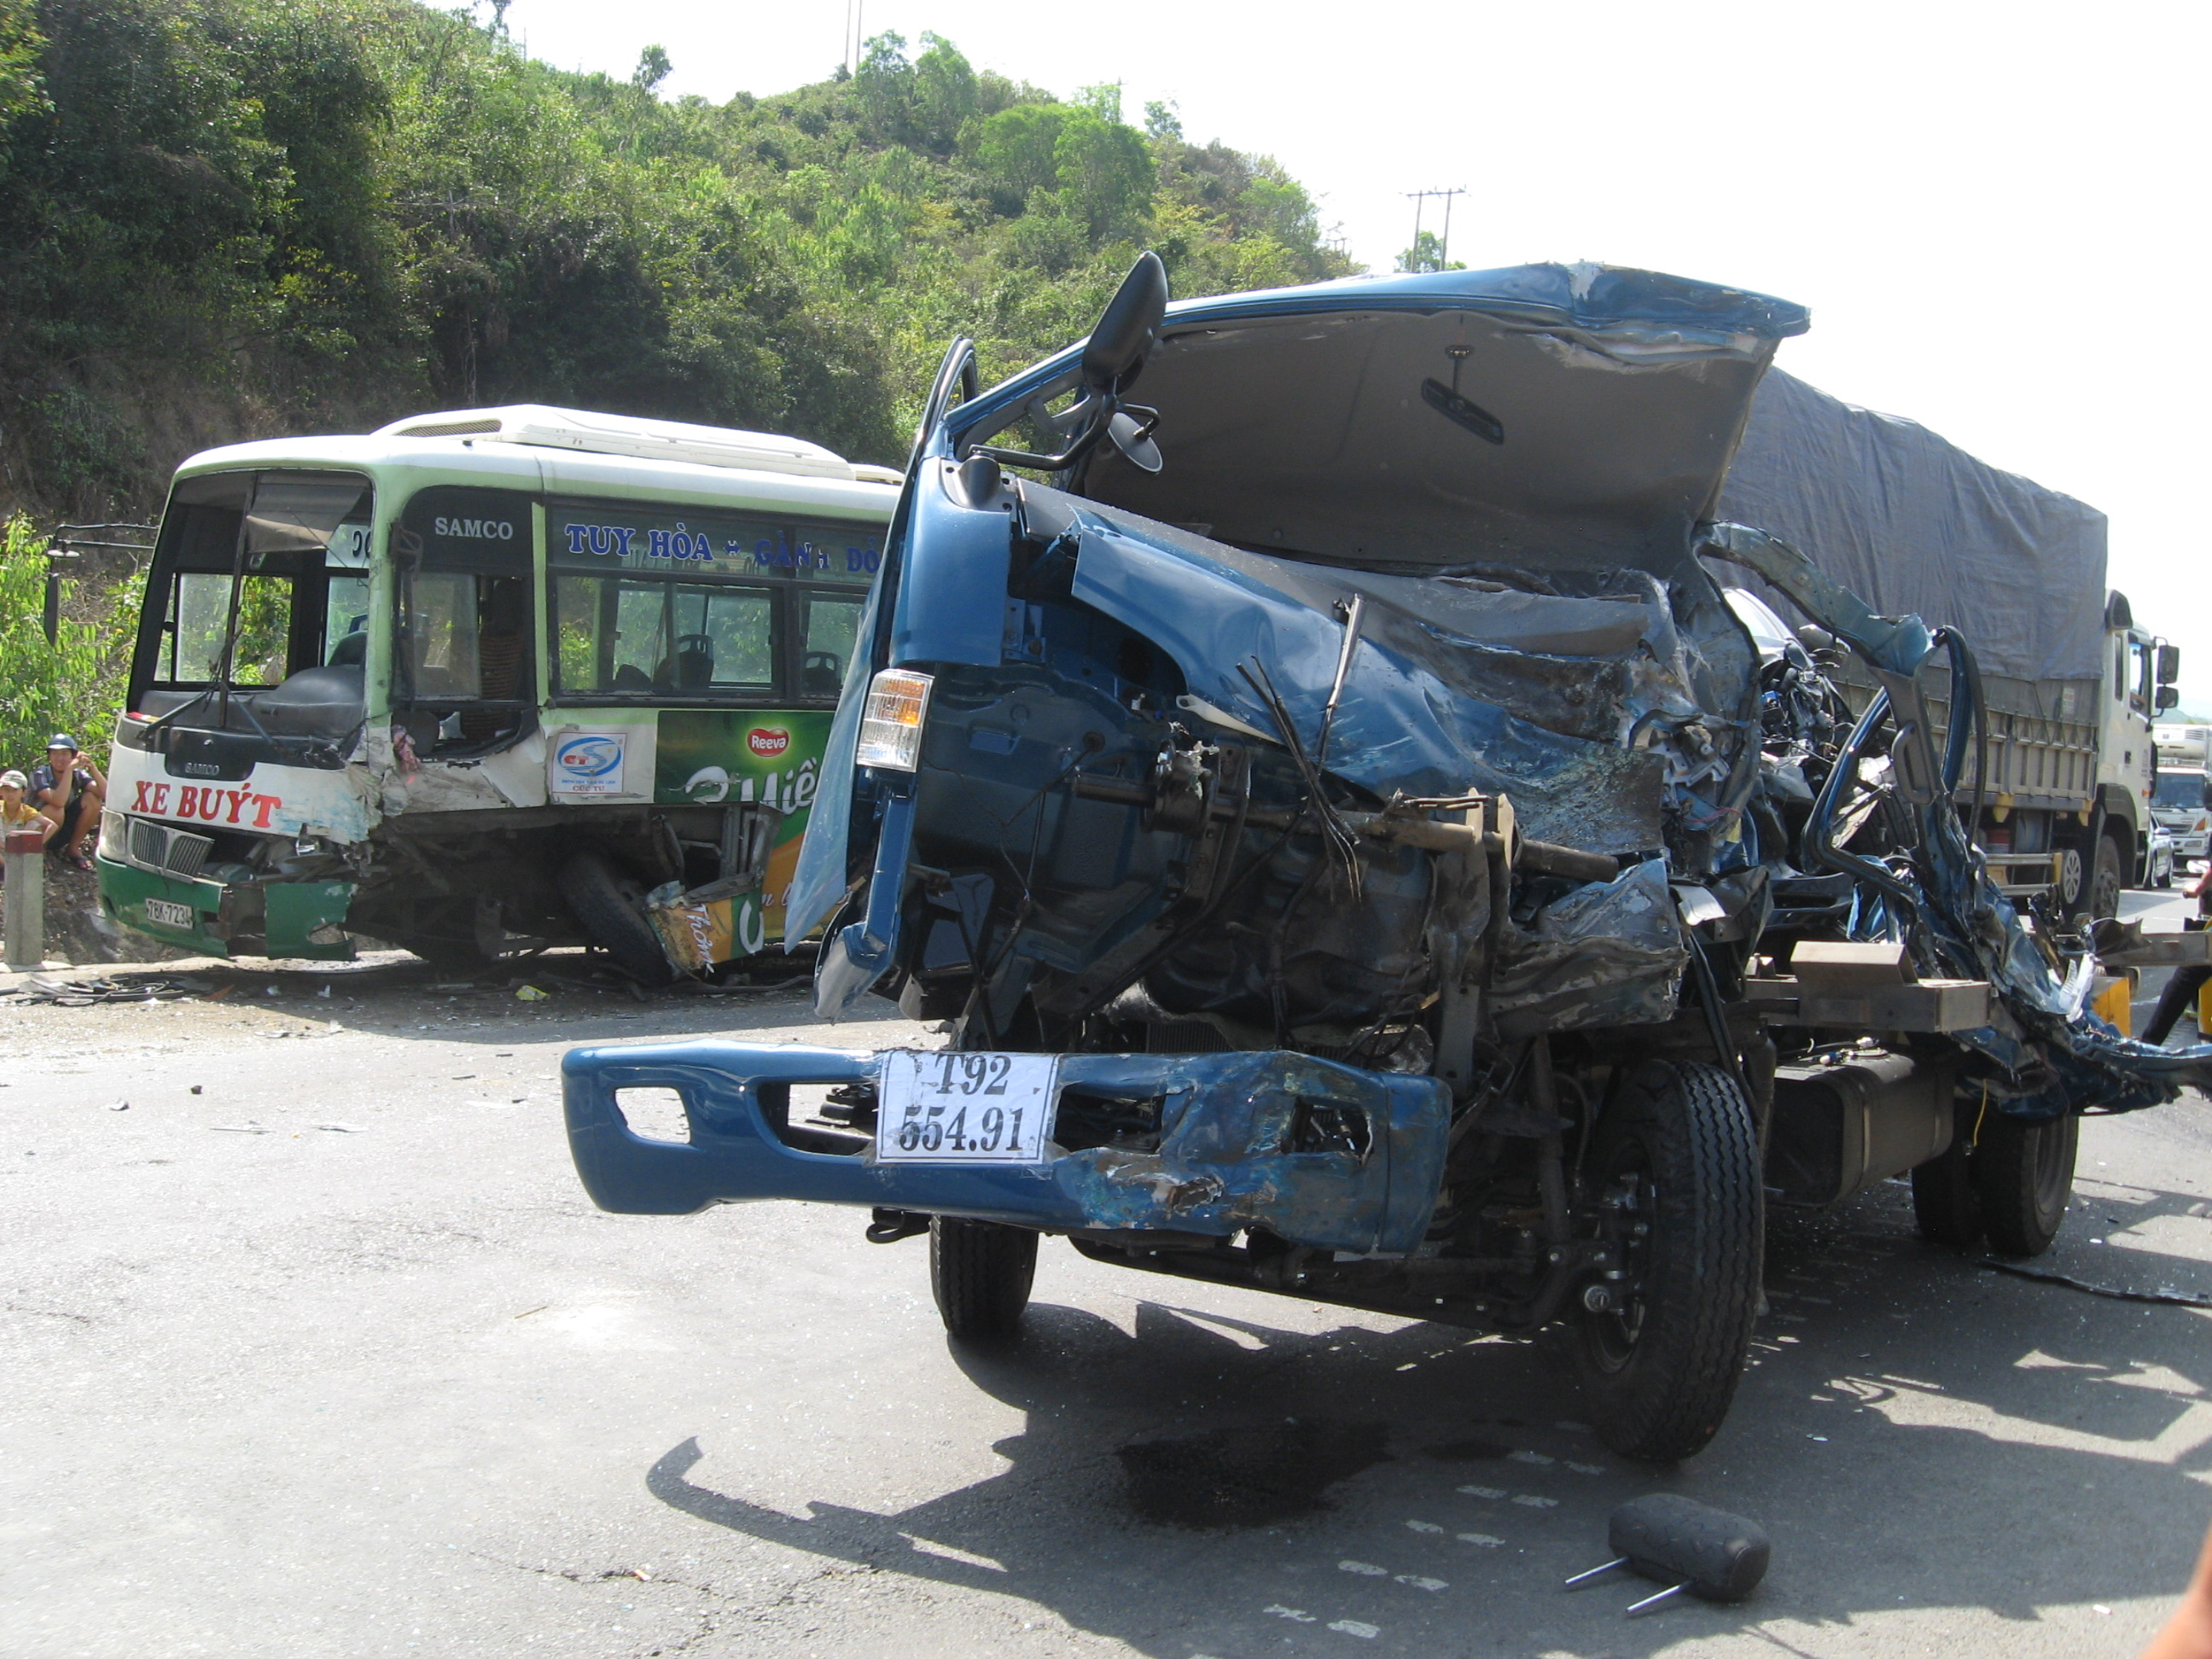 Vụ tai nạn làm 1 người chết, 3 người bị thương và 2 xe hư hỏng nặng